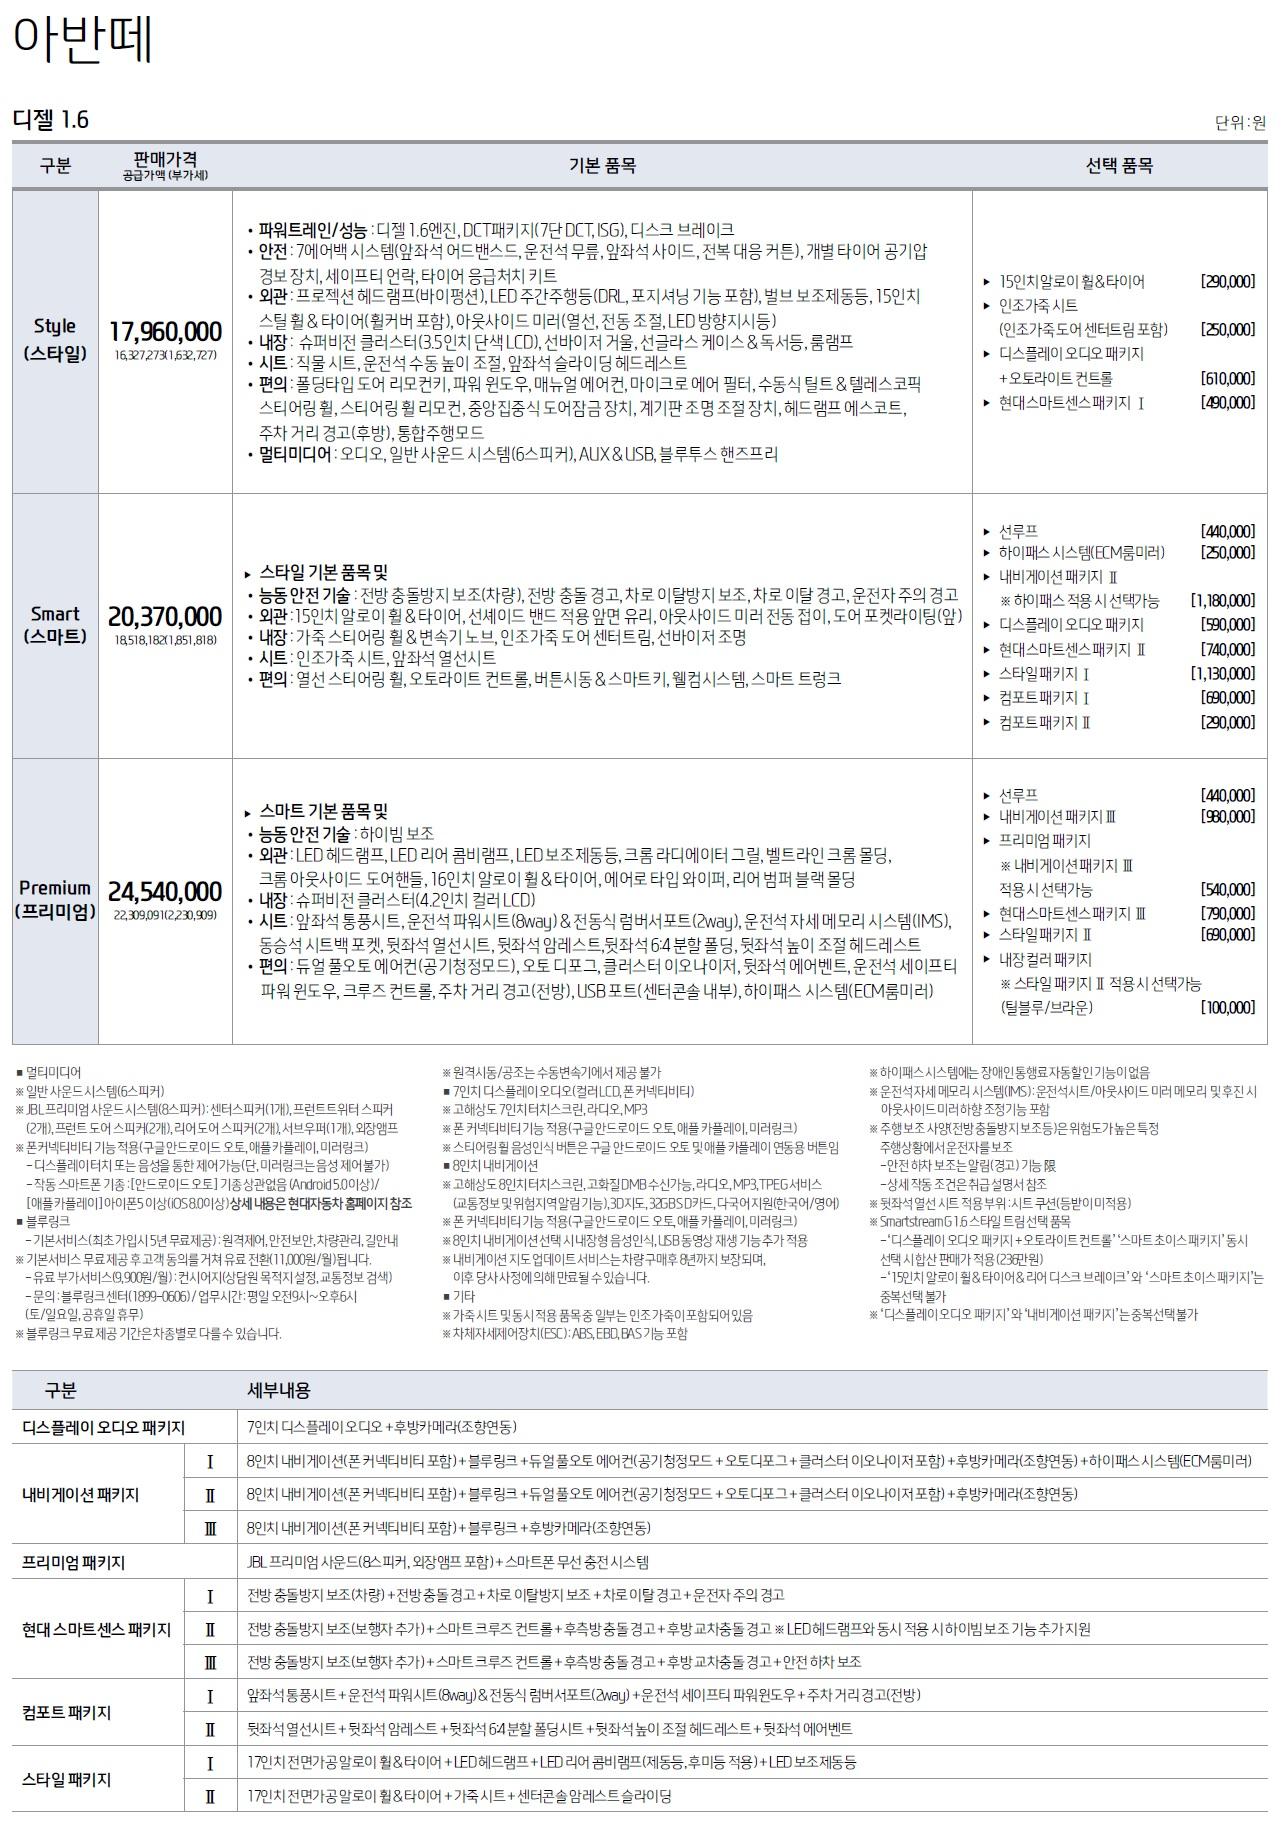 더뉴아반떼 가격표 - 2018년 9월 -3.jpg